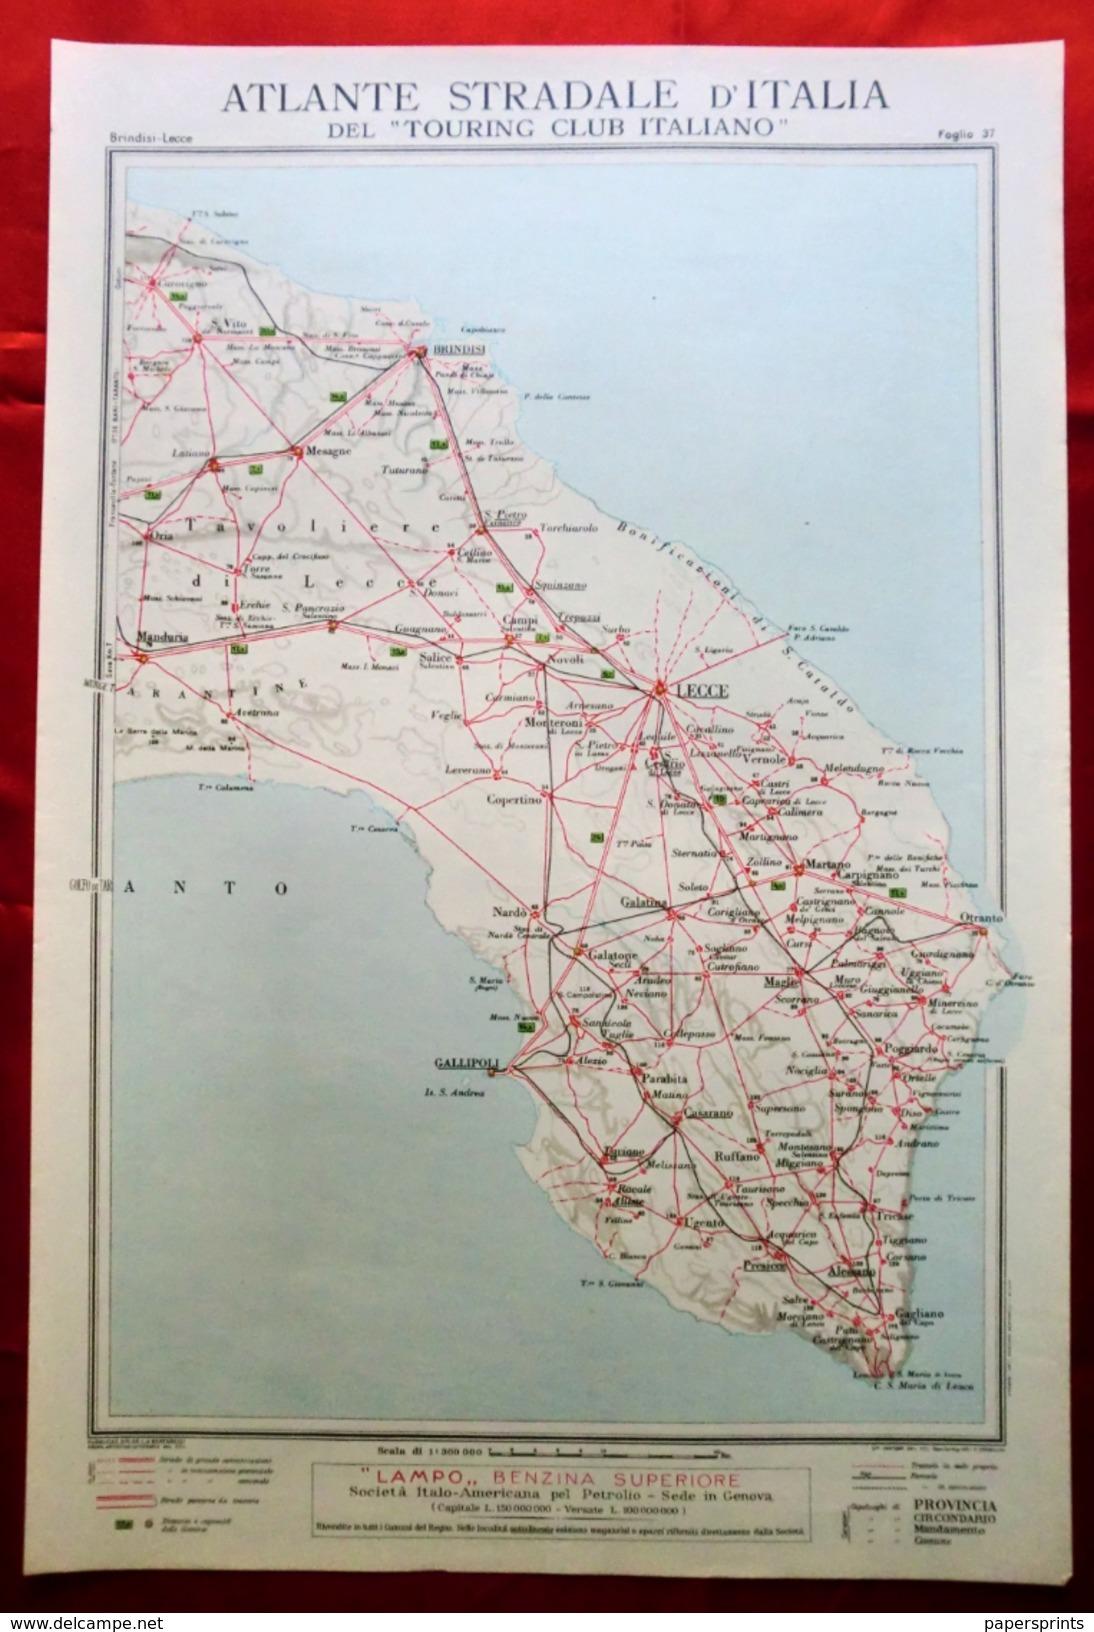 Foglio 37, Brindisi - Lecce, ATLANTE STRADALE D'ITALIA Touring Club Italiano 1923-26 (Dir. L. V. Bertarelli) - Carte Stradali